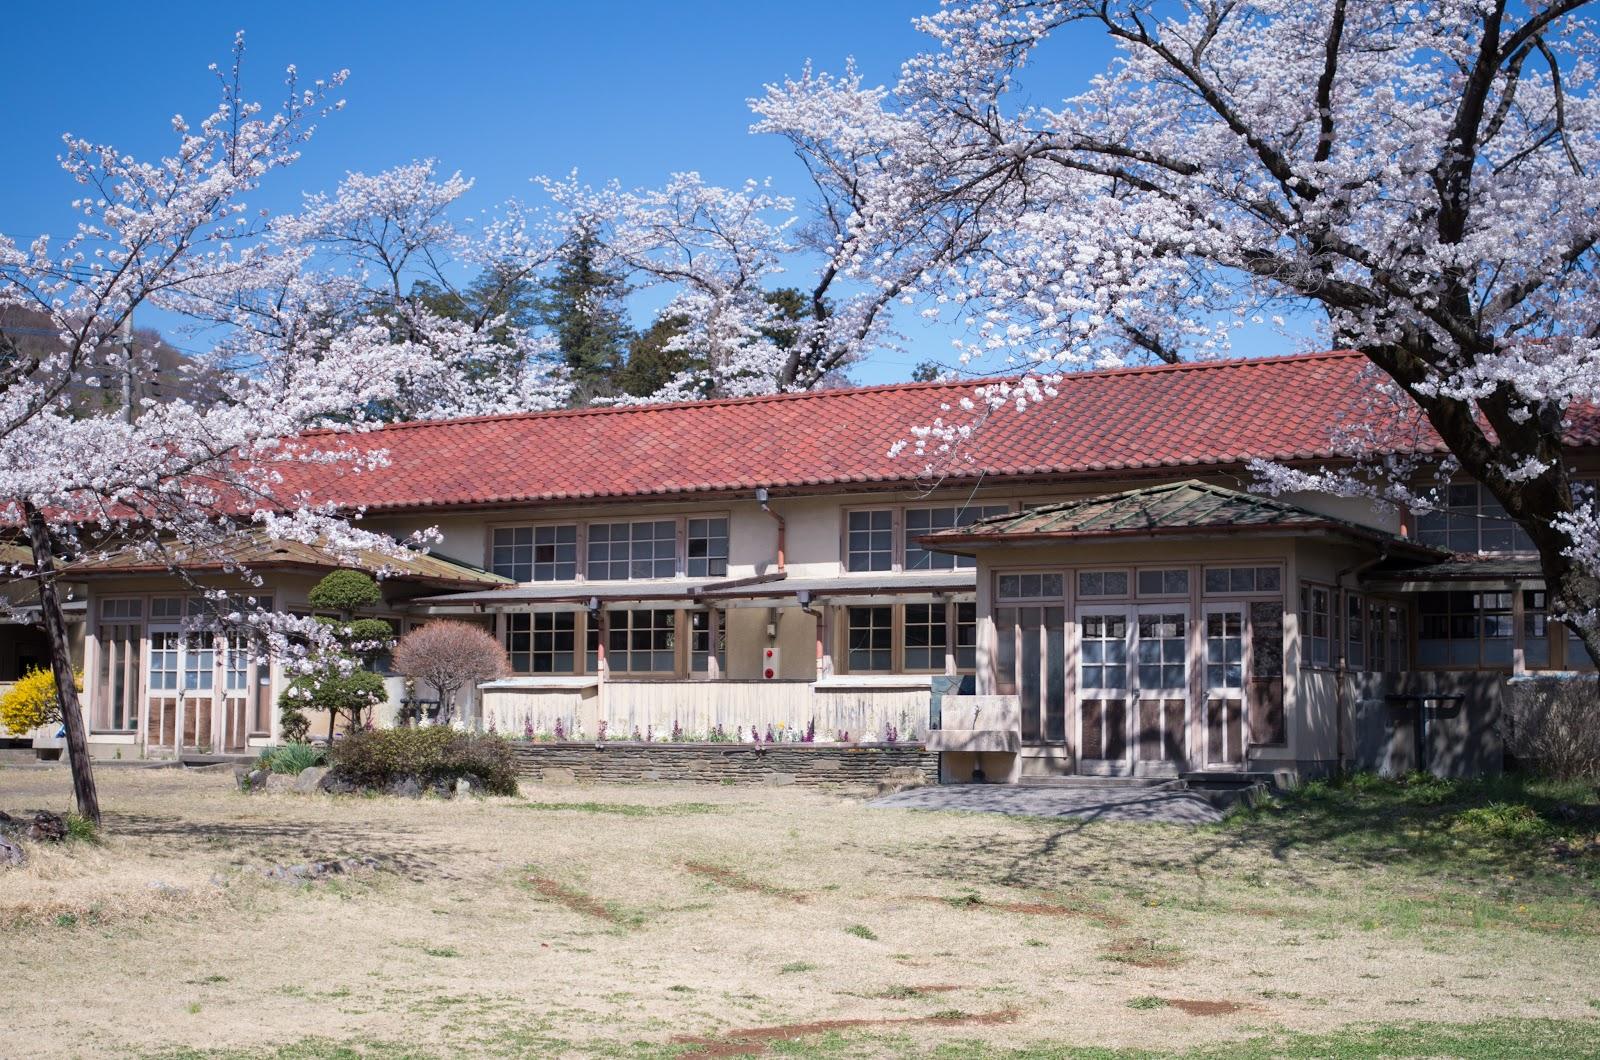 「小川町立小川小学校 下里分校」の検索結果 - Yahoo!検索(画像)